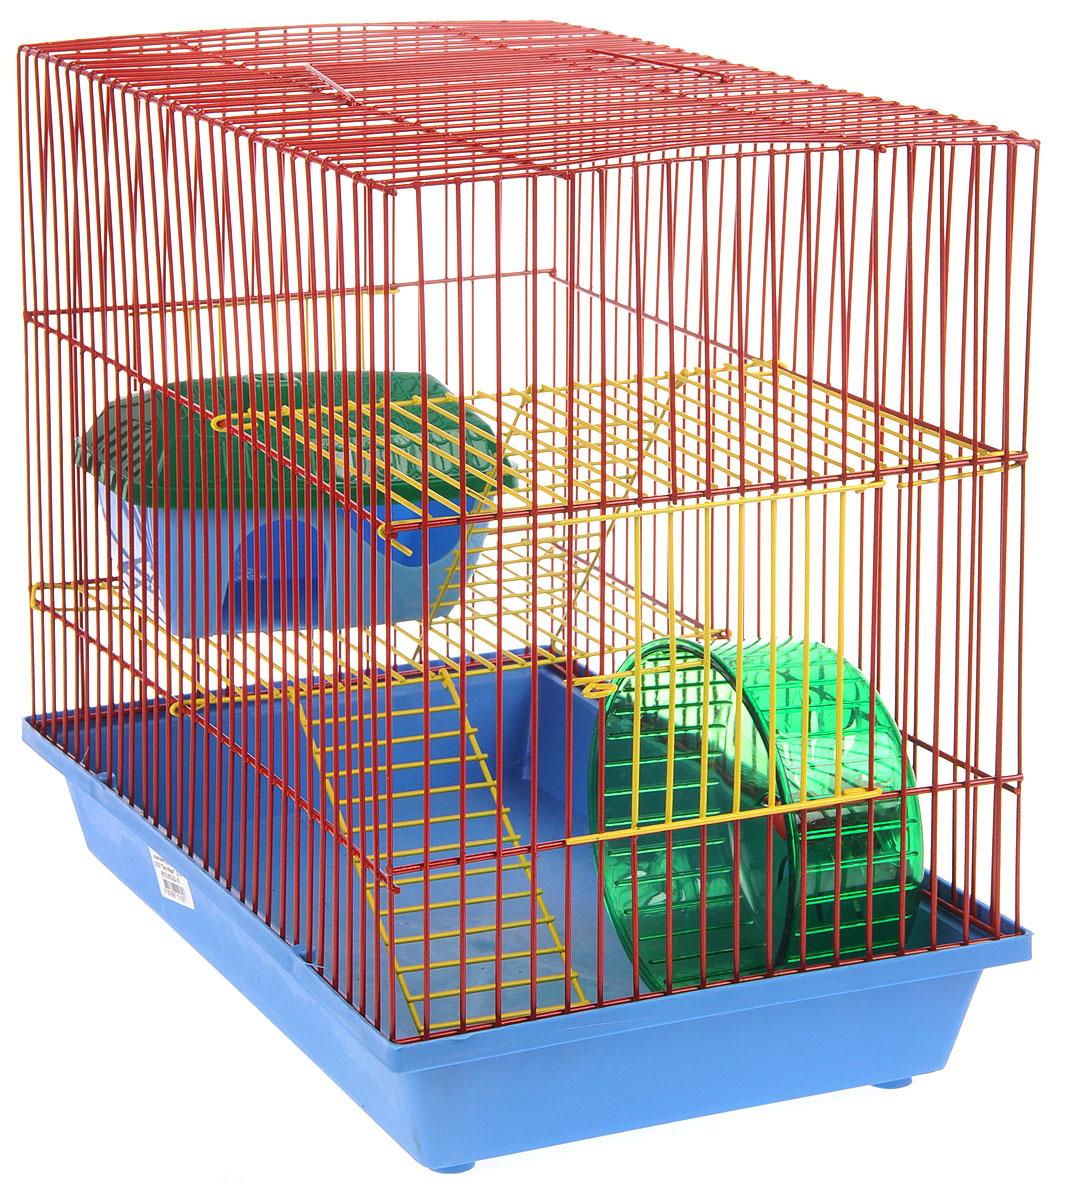 Клетка для грызунов ЗооМарк, 3-этажная, цвет: синий поддон, красная решетка, желтые этажи, 36 х 23 х 34,5 см. 135ж135жСККлетка ЗооМарк, выполненная из полипропилена и металла, подходит для мелких грызунов. Изделие трехэтажное, оборудовано колесом для подвижных игр и пластиковым домиком. Клетка имеет яркий поддон, удобна в использовании и легко чистится. Сверху имеется ручка для переноски. Такая клетка станет уединенным личным пространством и уютным домиком для маленького грызуна.